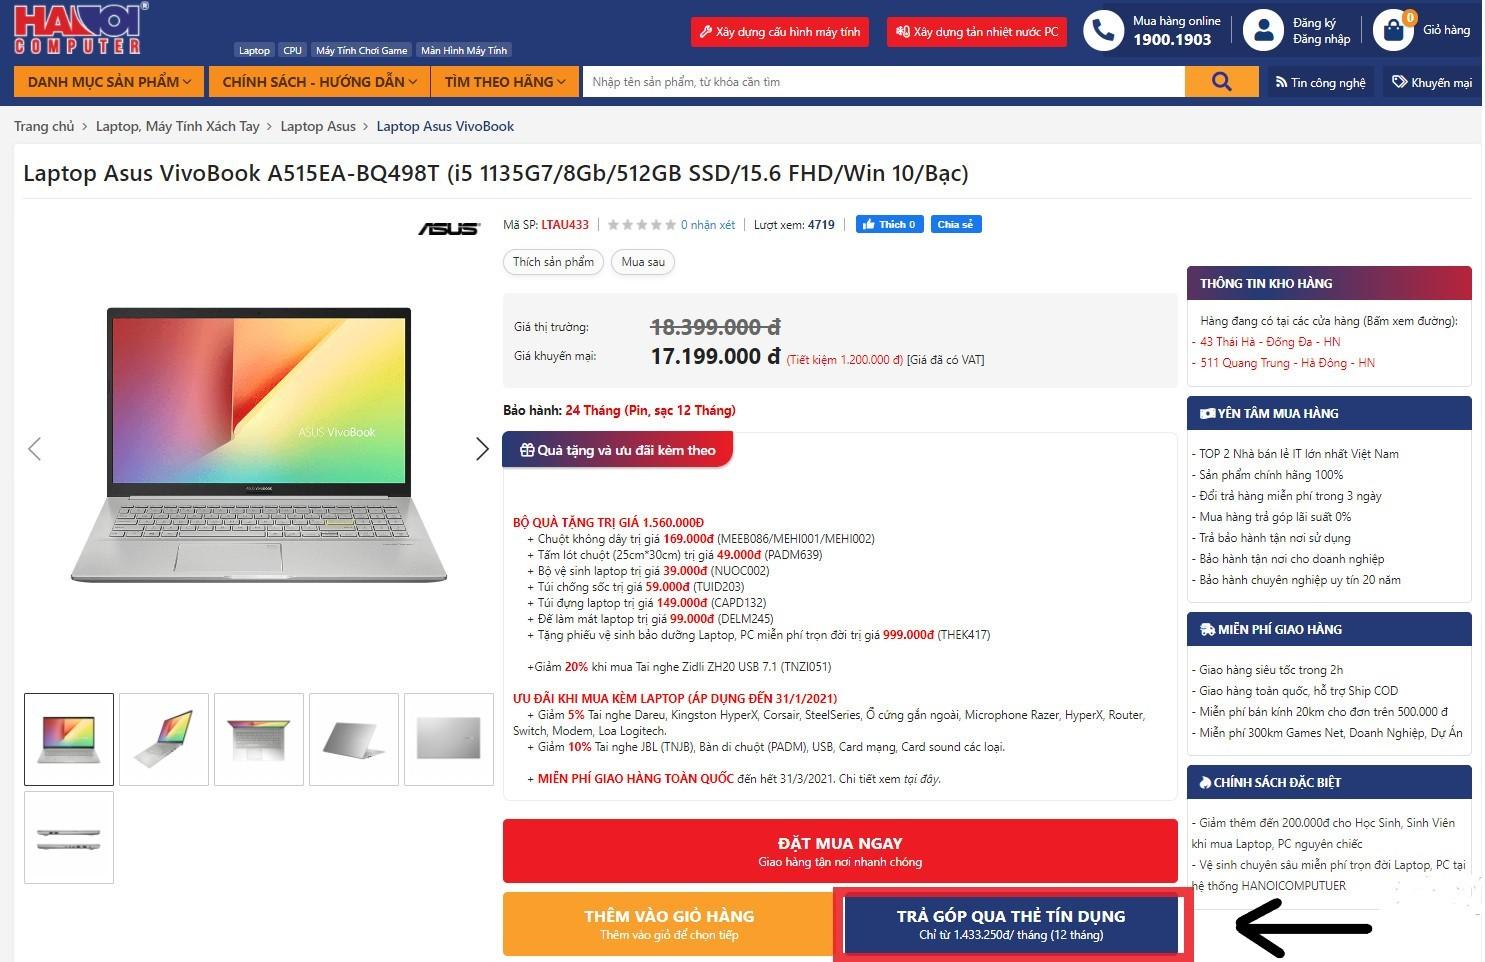 Hướng dẫn mua hàng trả góp tại Hanoicomputer